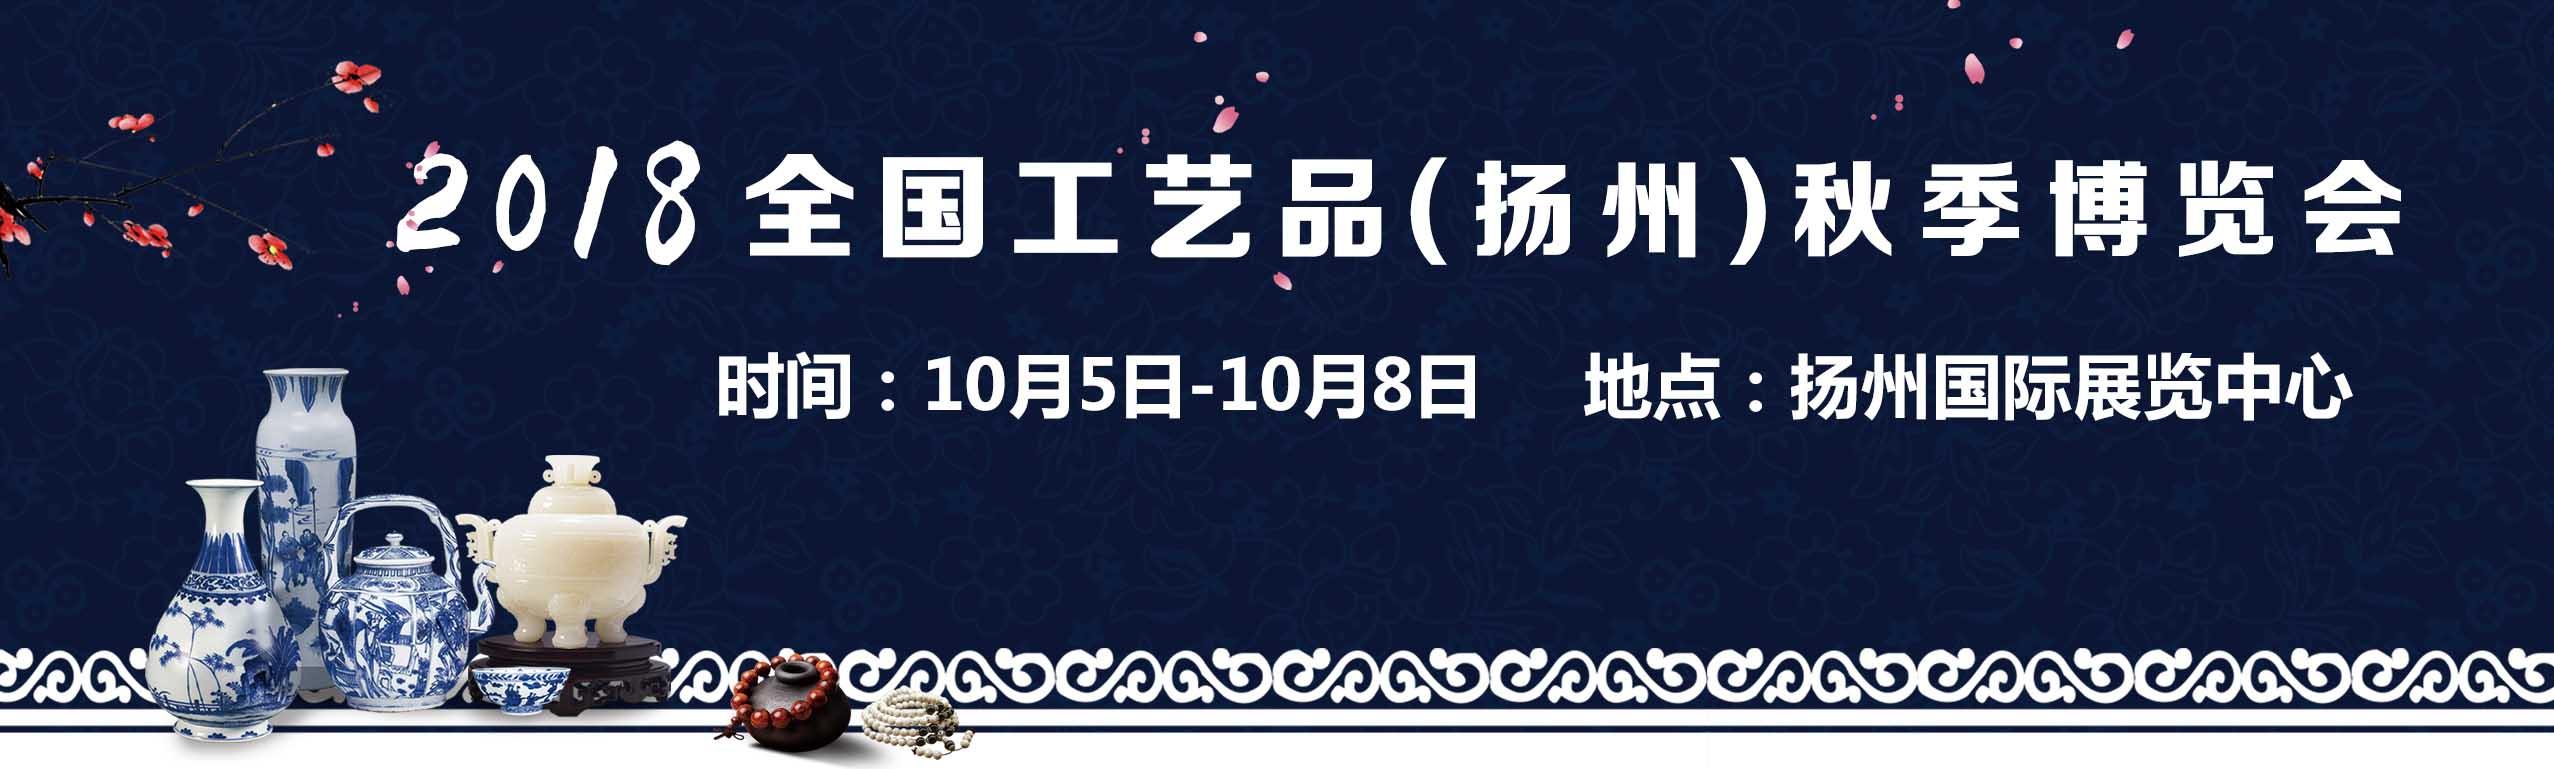 扬州2014年5月车展_2018全国工艺品(扬州)秋季博览会——(10月5日-8日),扬州国际 ...